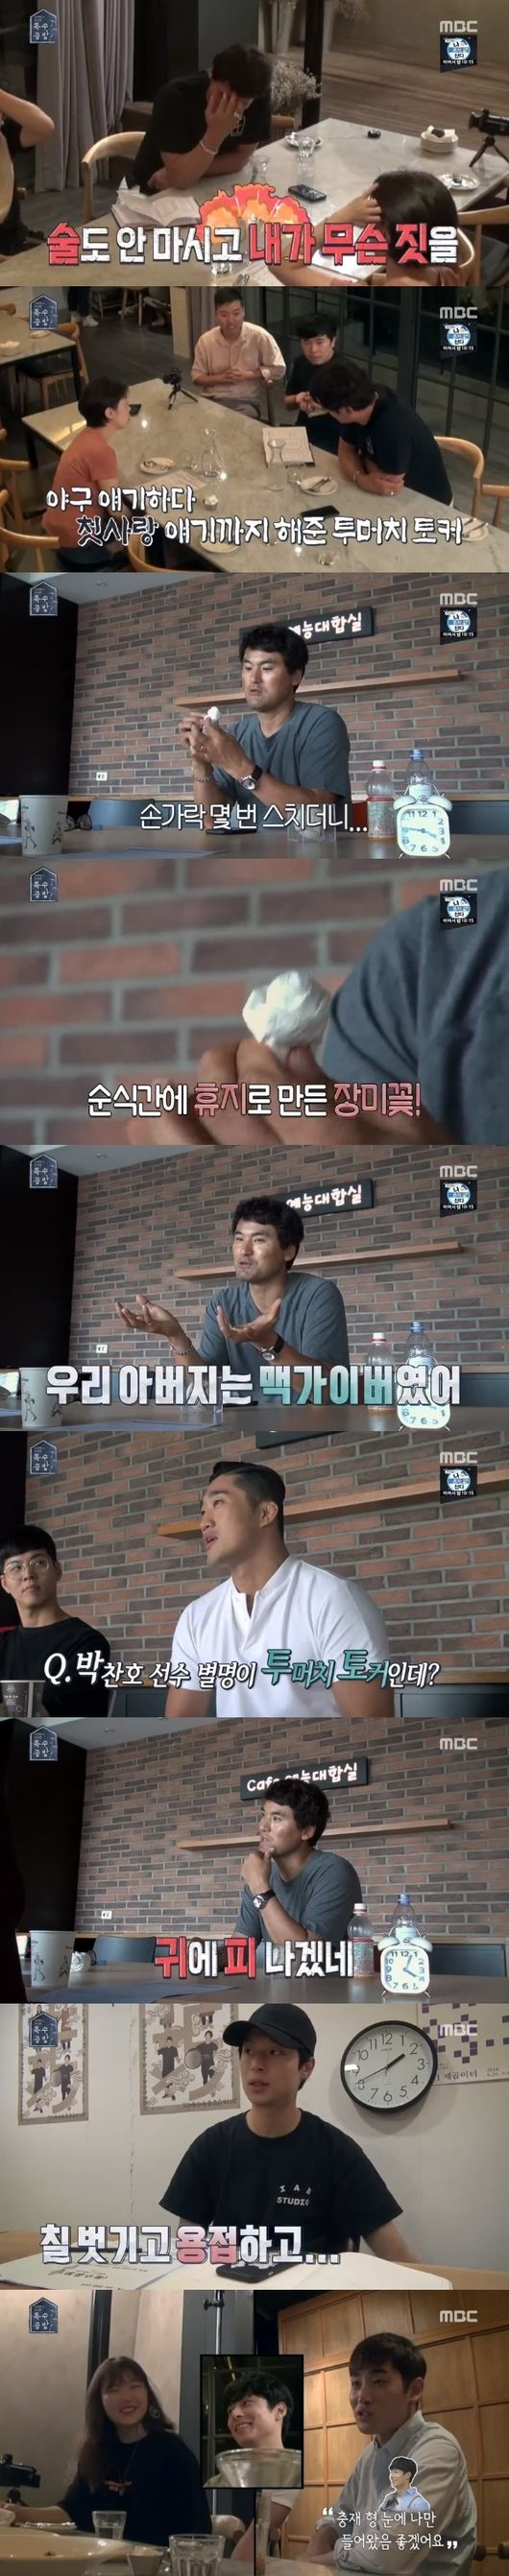 독수공방 박찬호, 투머치토커→요리실력까지 자랑(ft.금손 4인방) [종합]